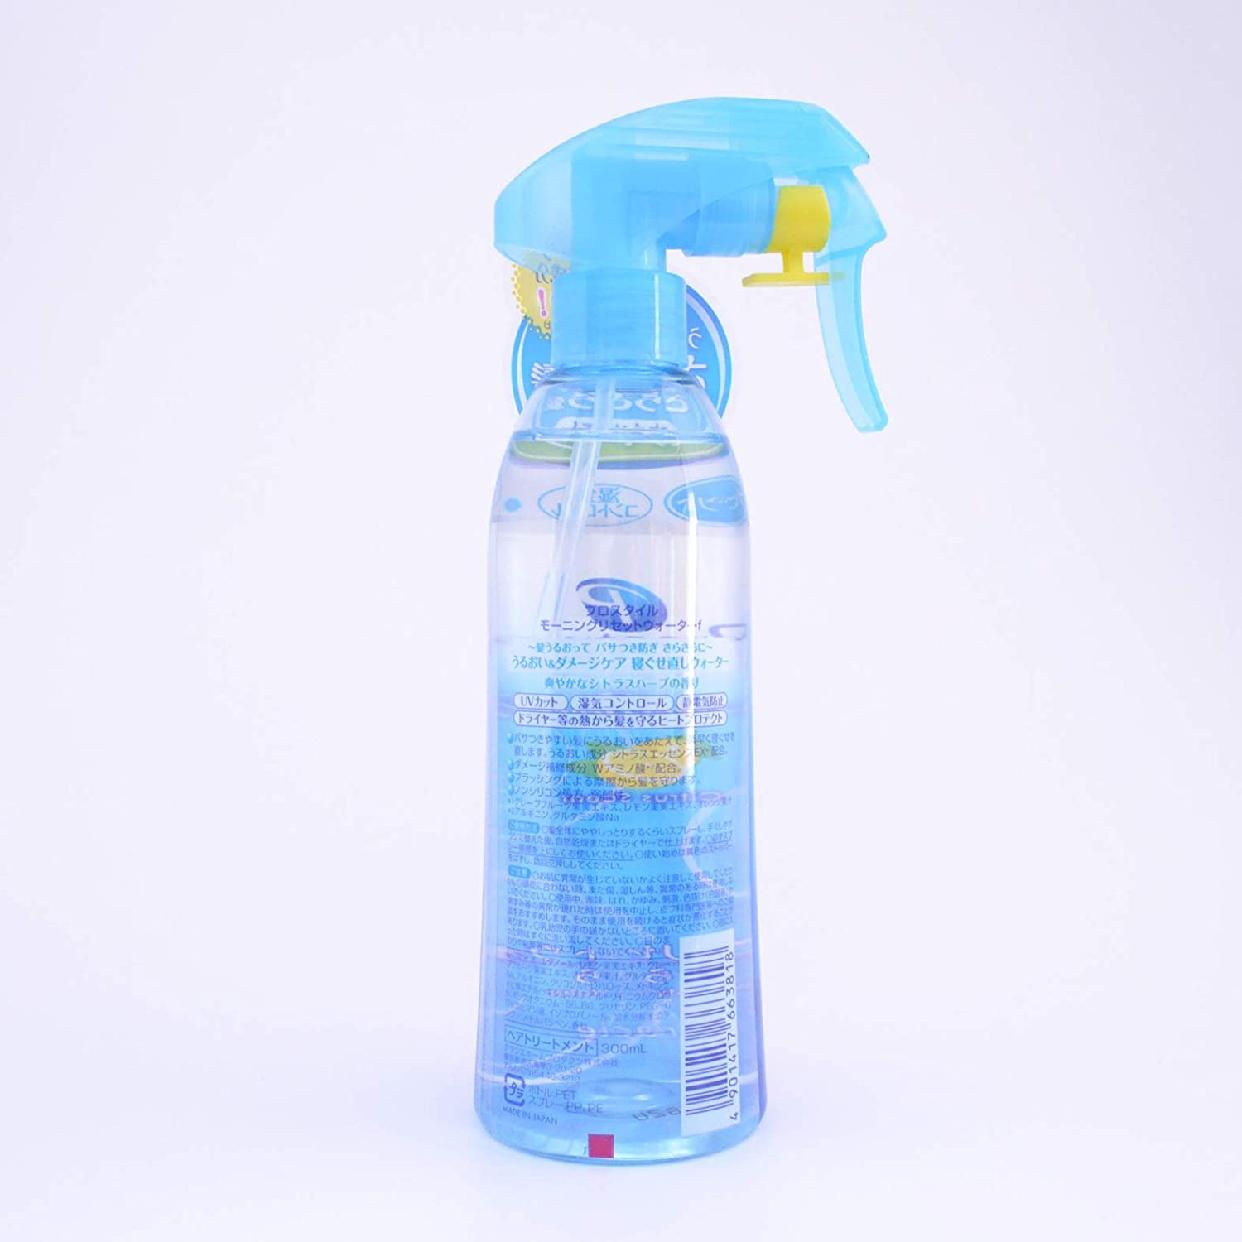 Kracie(クラシエ)プロスタイル モーニングリセットウォーター シトラスハーブの香りの商品画像2